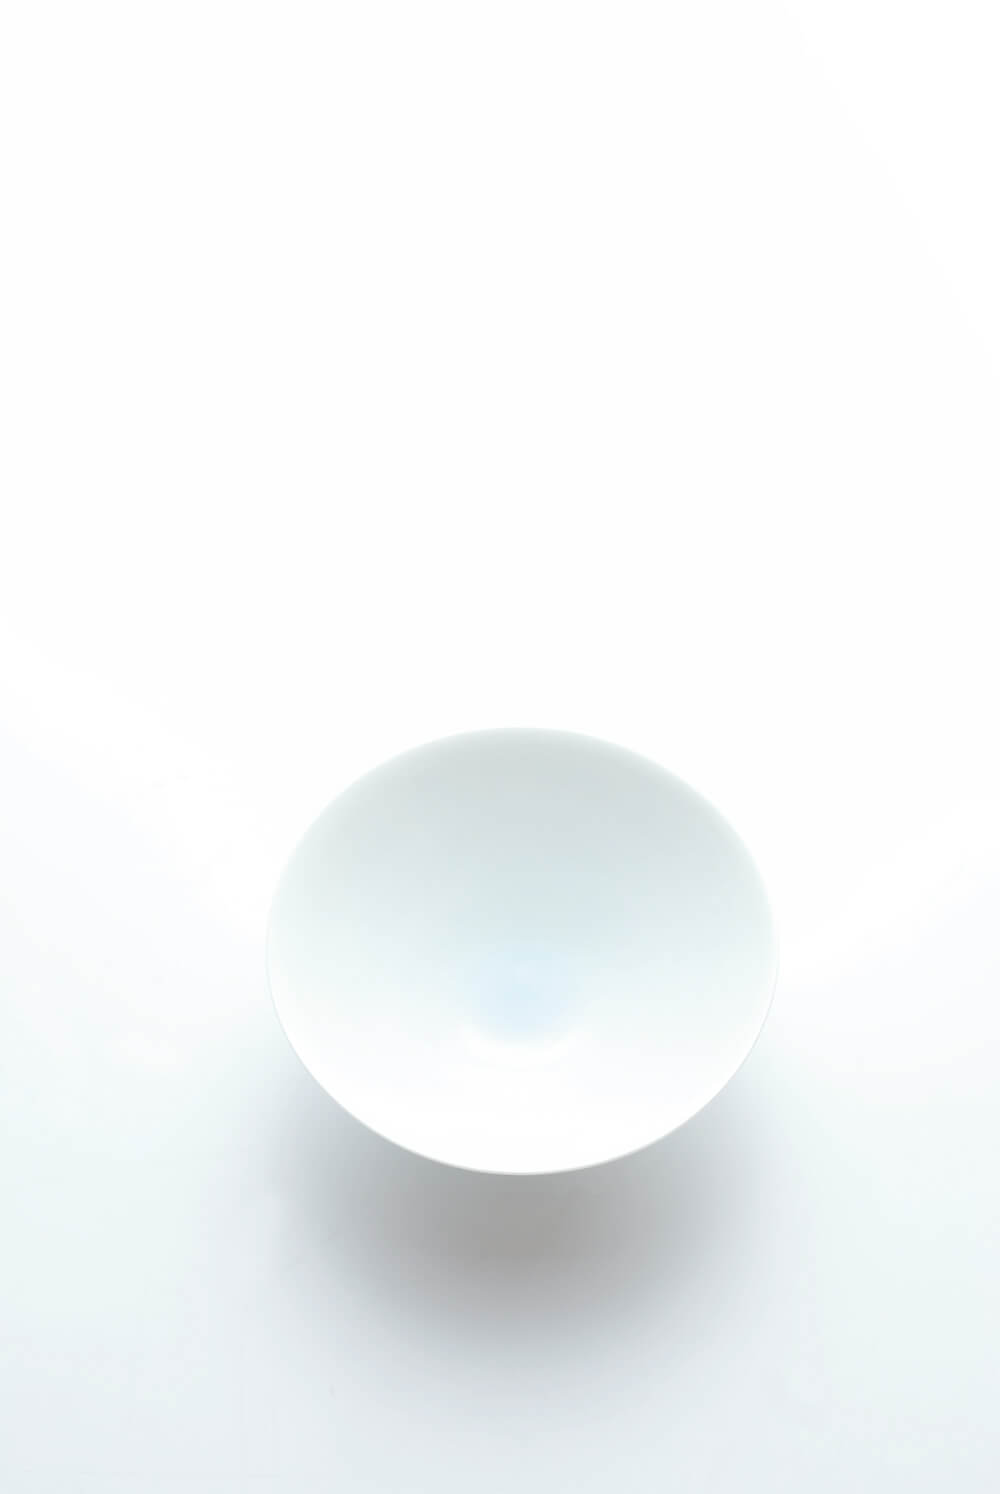 2007年8月23日から開催の「白磁への誘い 傘寿 塚本 司郎 作品展」の作品02